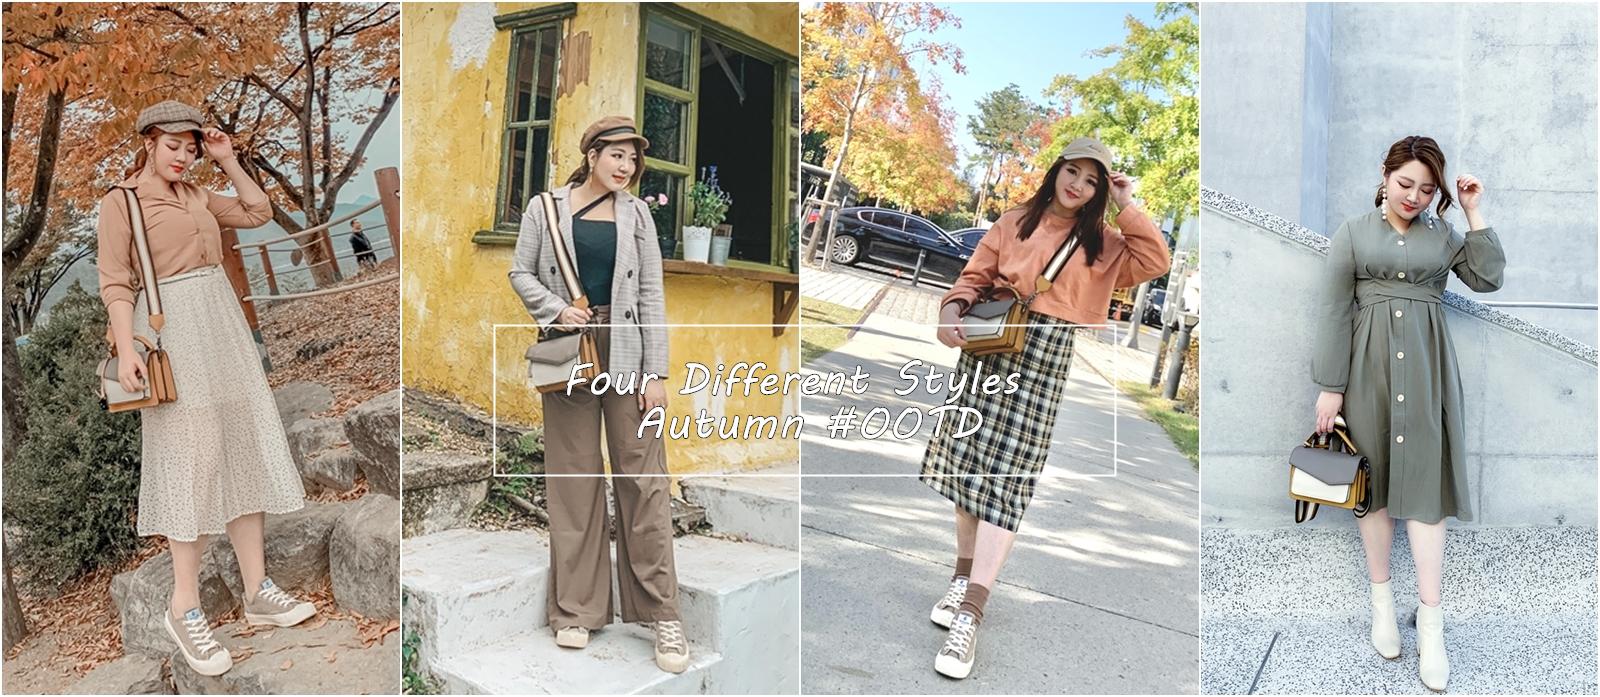 棉花糖穿搭 | 初秋。穿出顯瘦質感韓系感